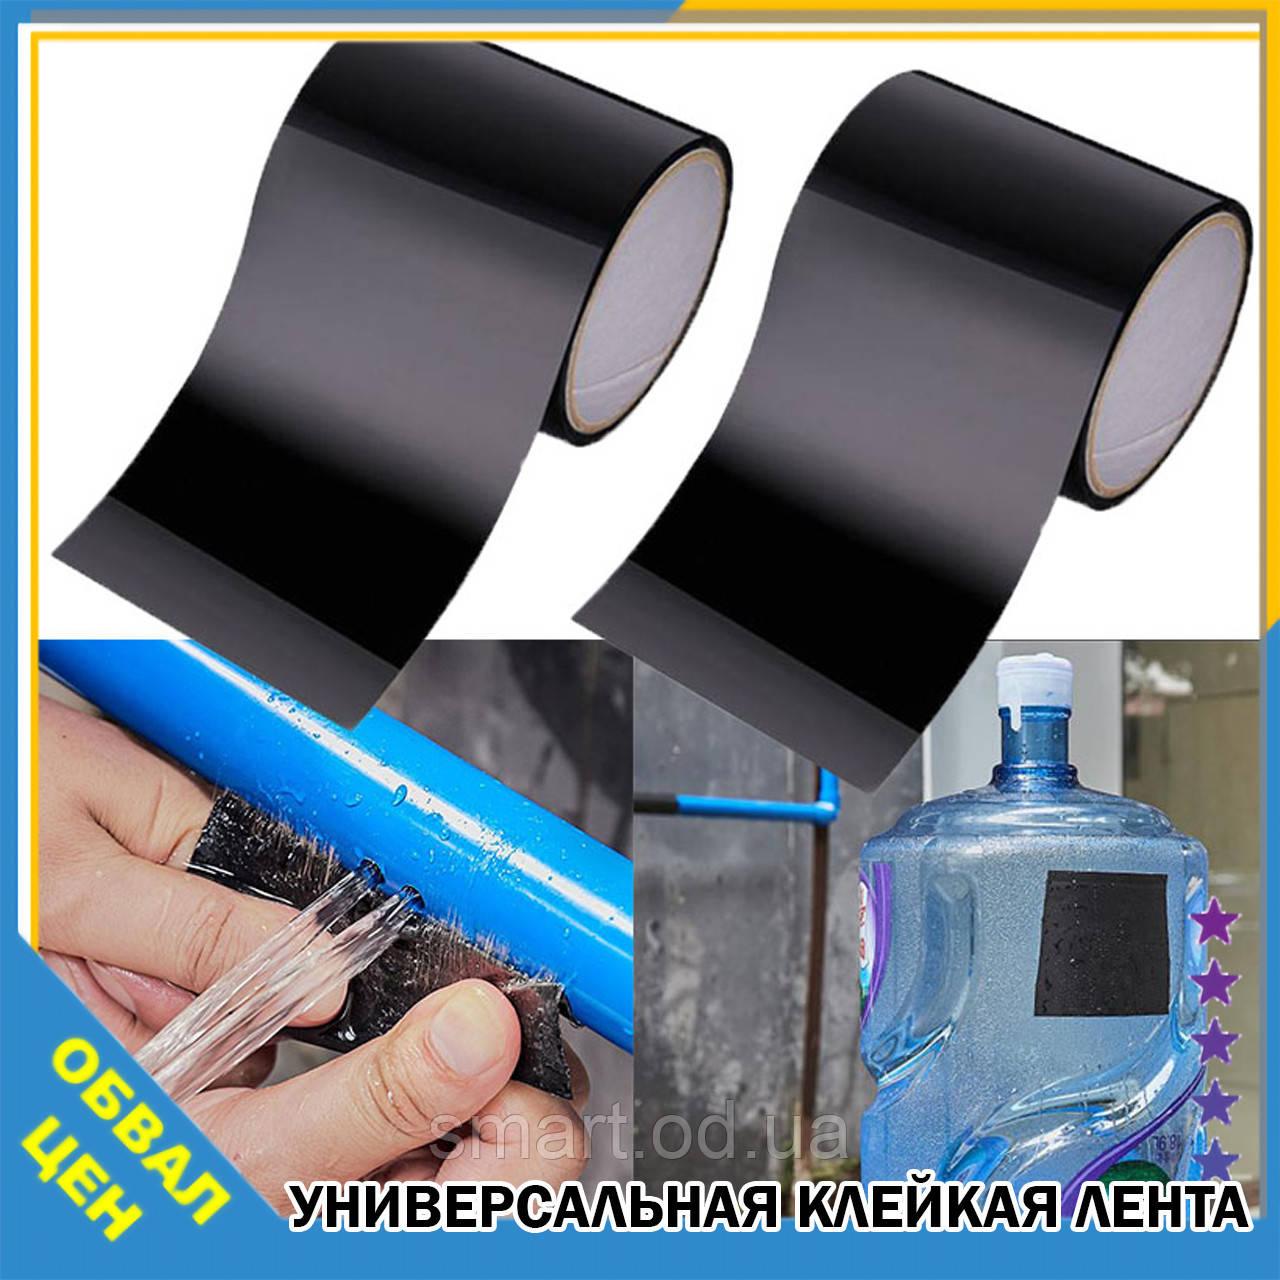 Клейка універсальна стрічка N-FLEX Tape надміцна водонепроникність ізоляційна скотч Flex флекс тейп Плівки